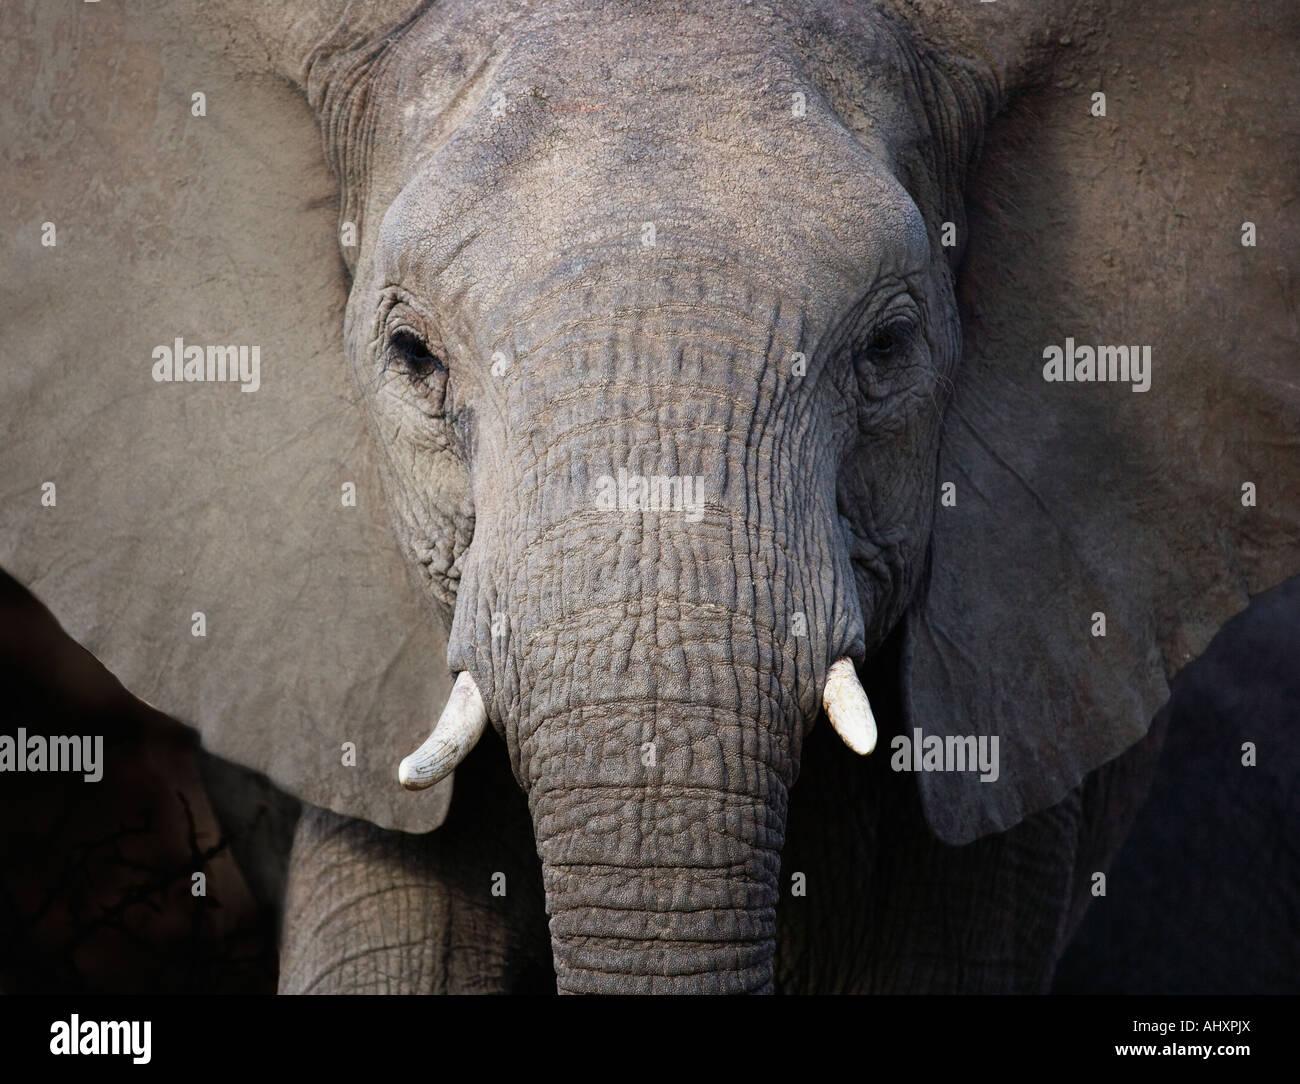 Close up of elephant Photo Stock